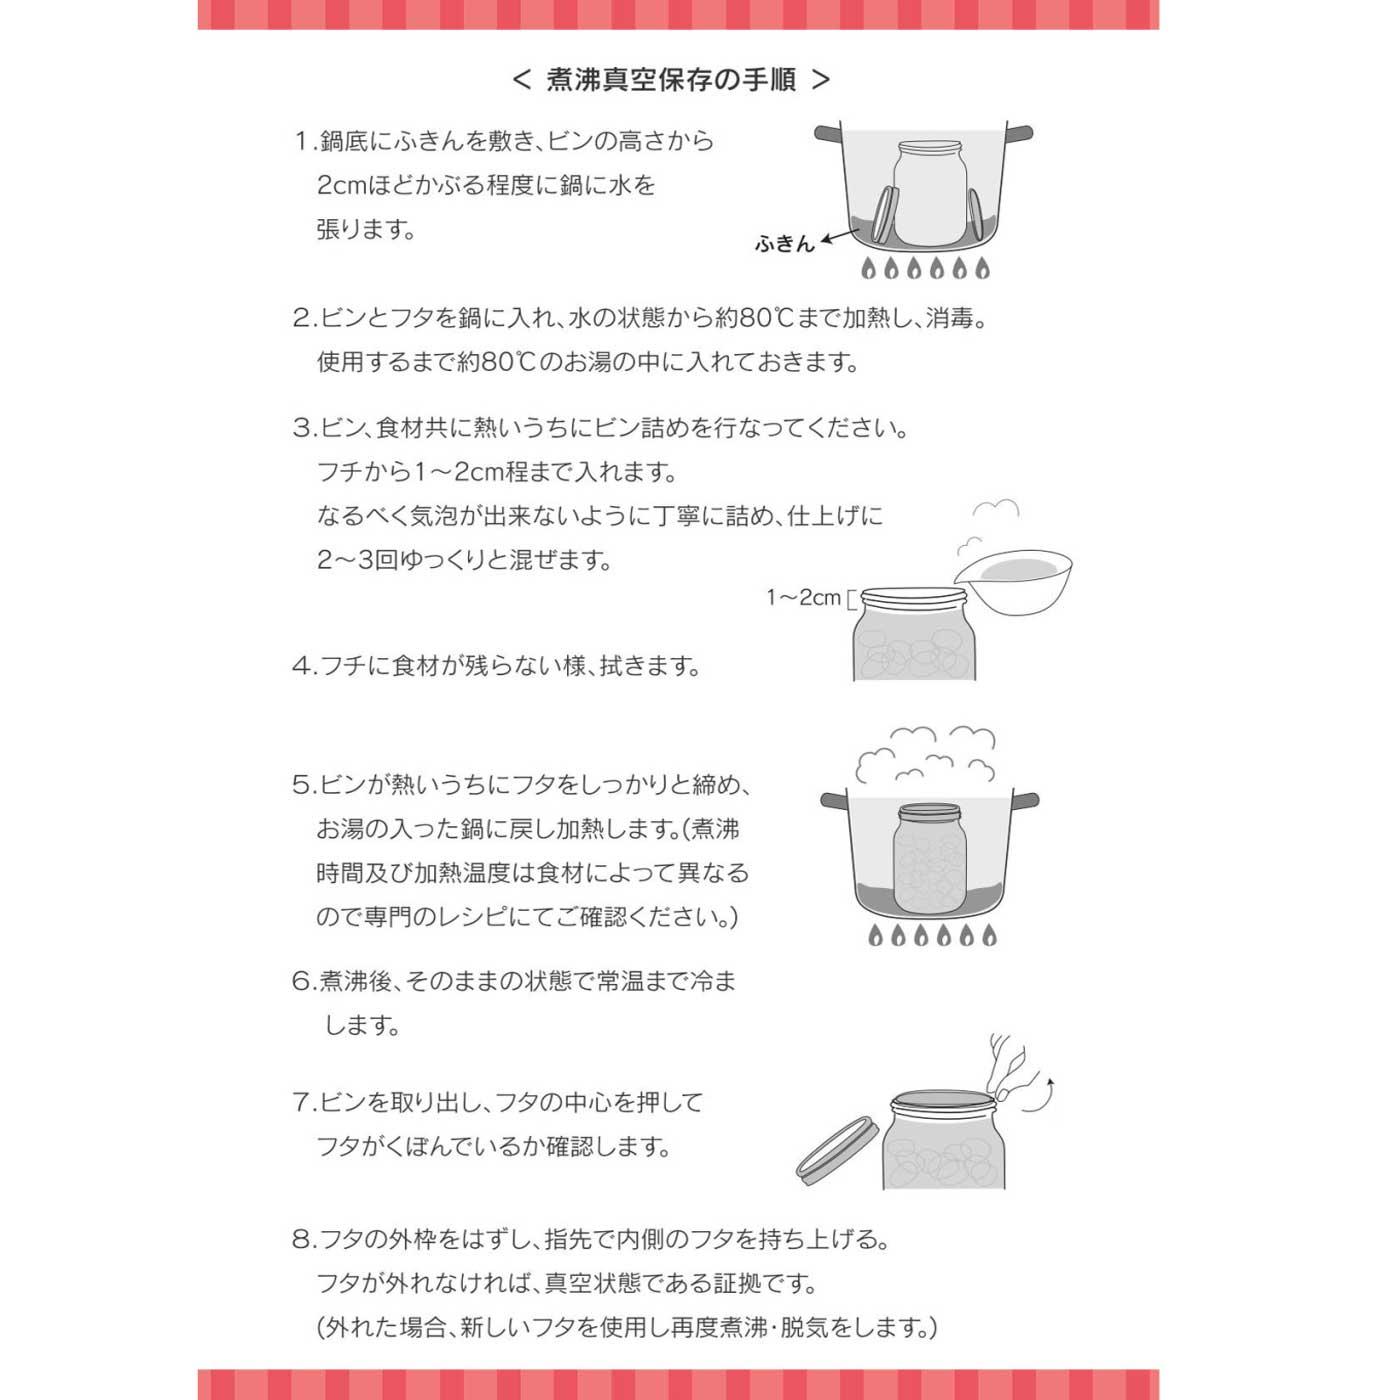 プリザーブジャー煮沸真空保存方法